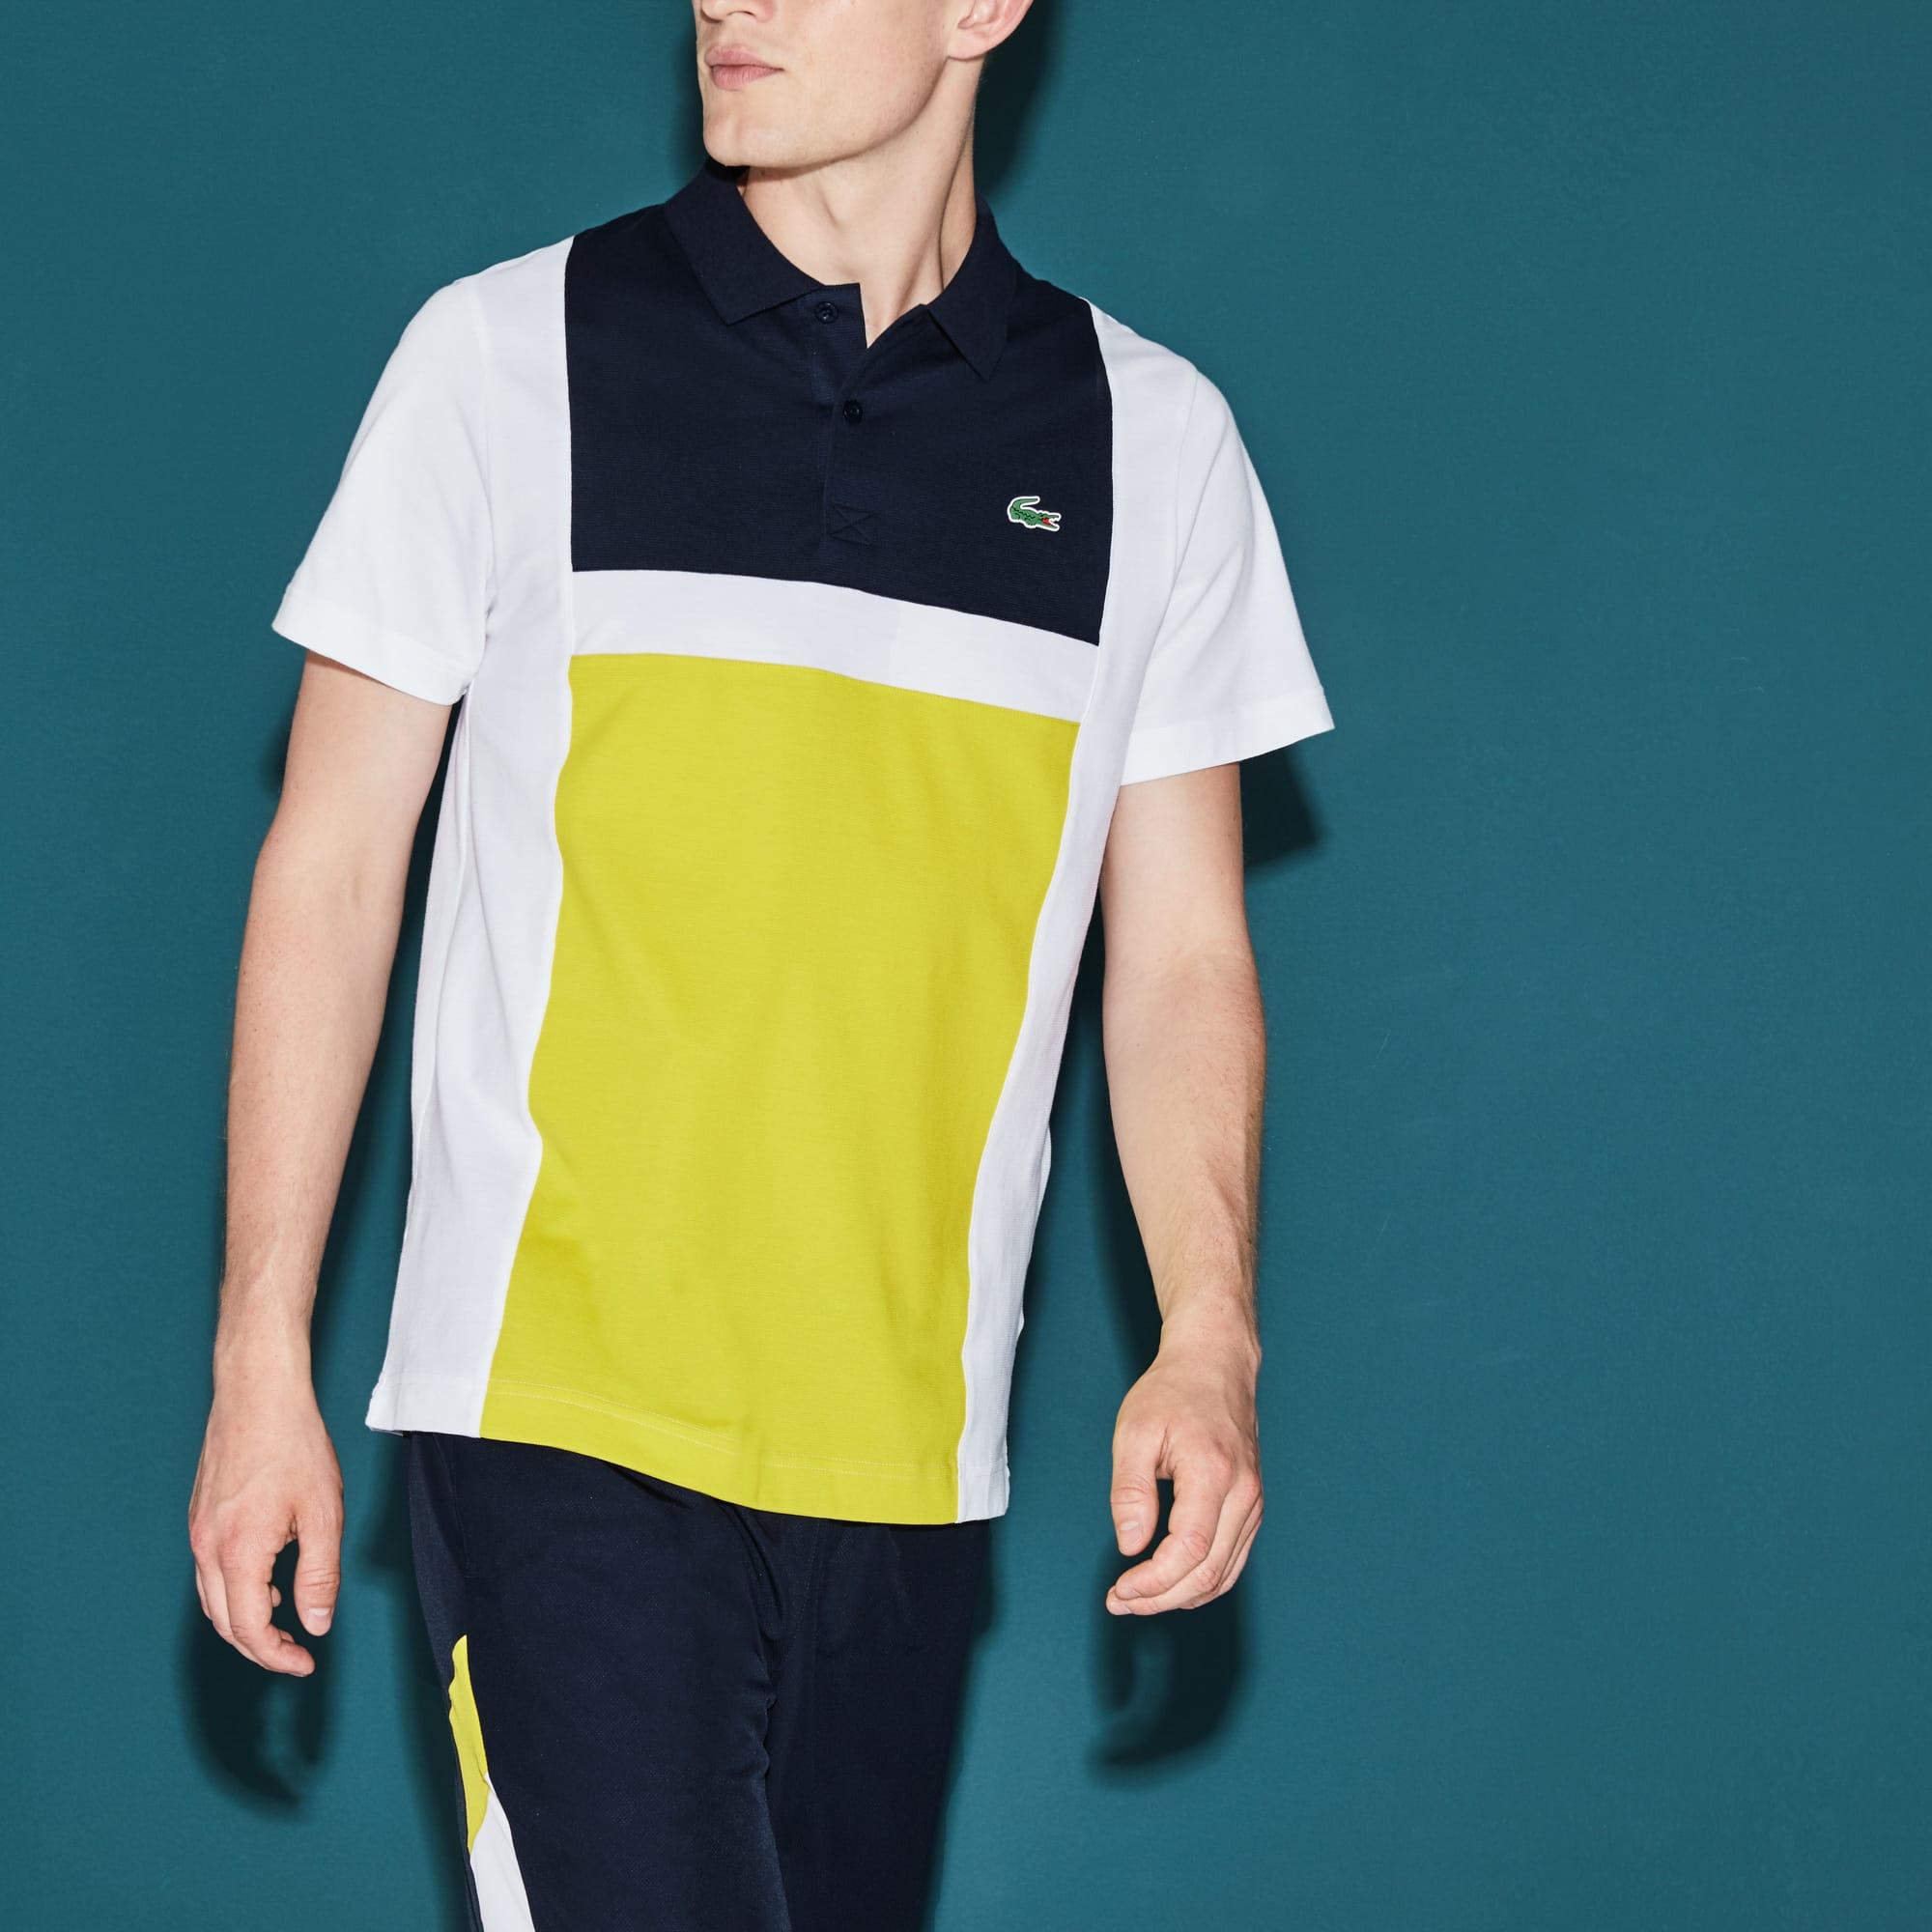 قميص بولو بألوان متباينة من القطن الخفيف من مجموعة Lacoste SPORT Tennis للرجال.